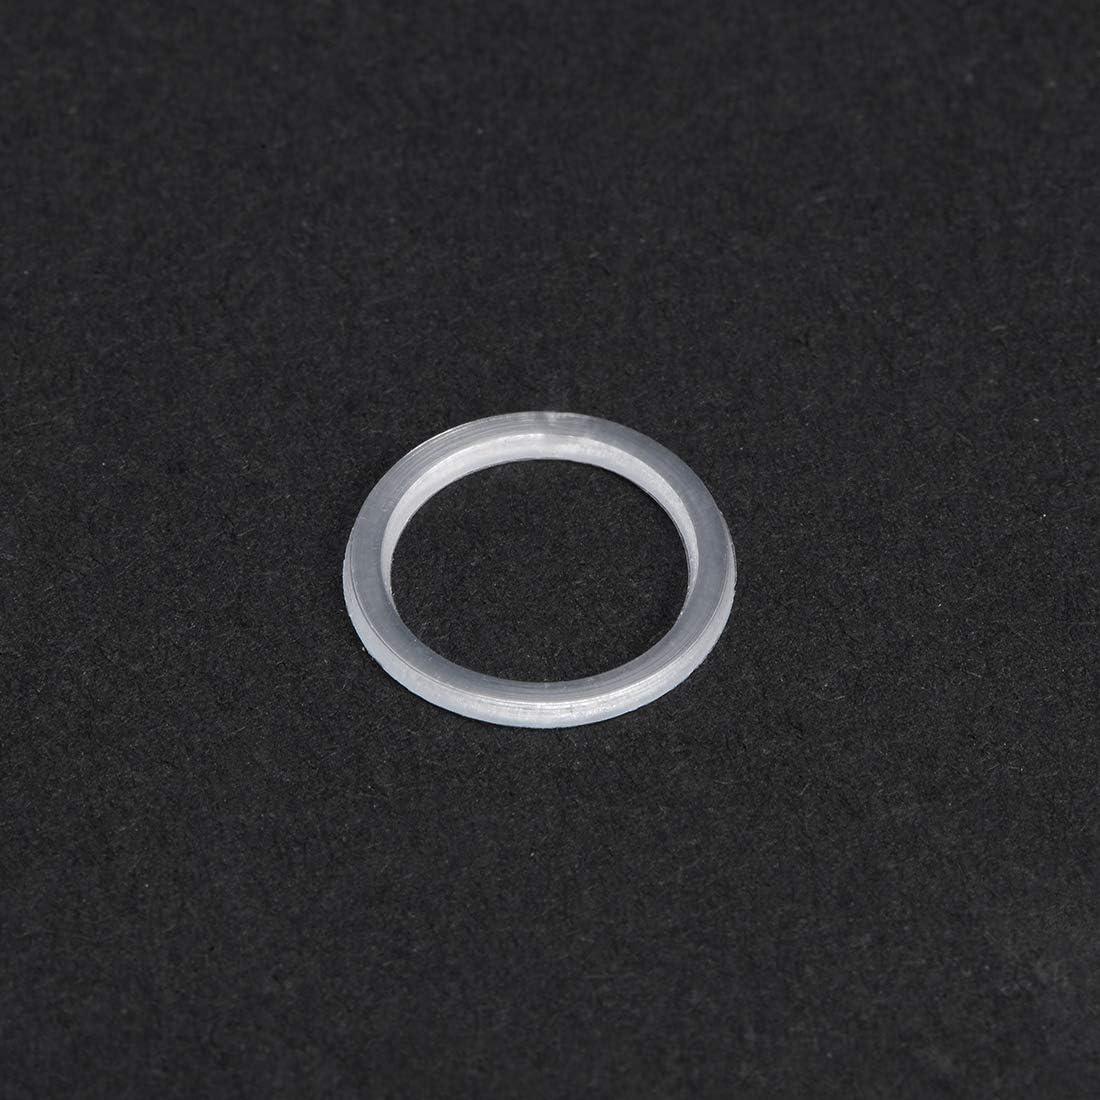 Metrische Unterlegscheiben Nylon f/ür M18 Schraubenbolzen 1mm Dicke Klar sourcing map 50 Stk